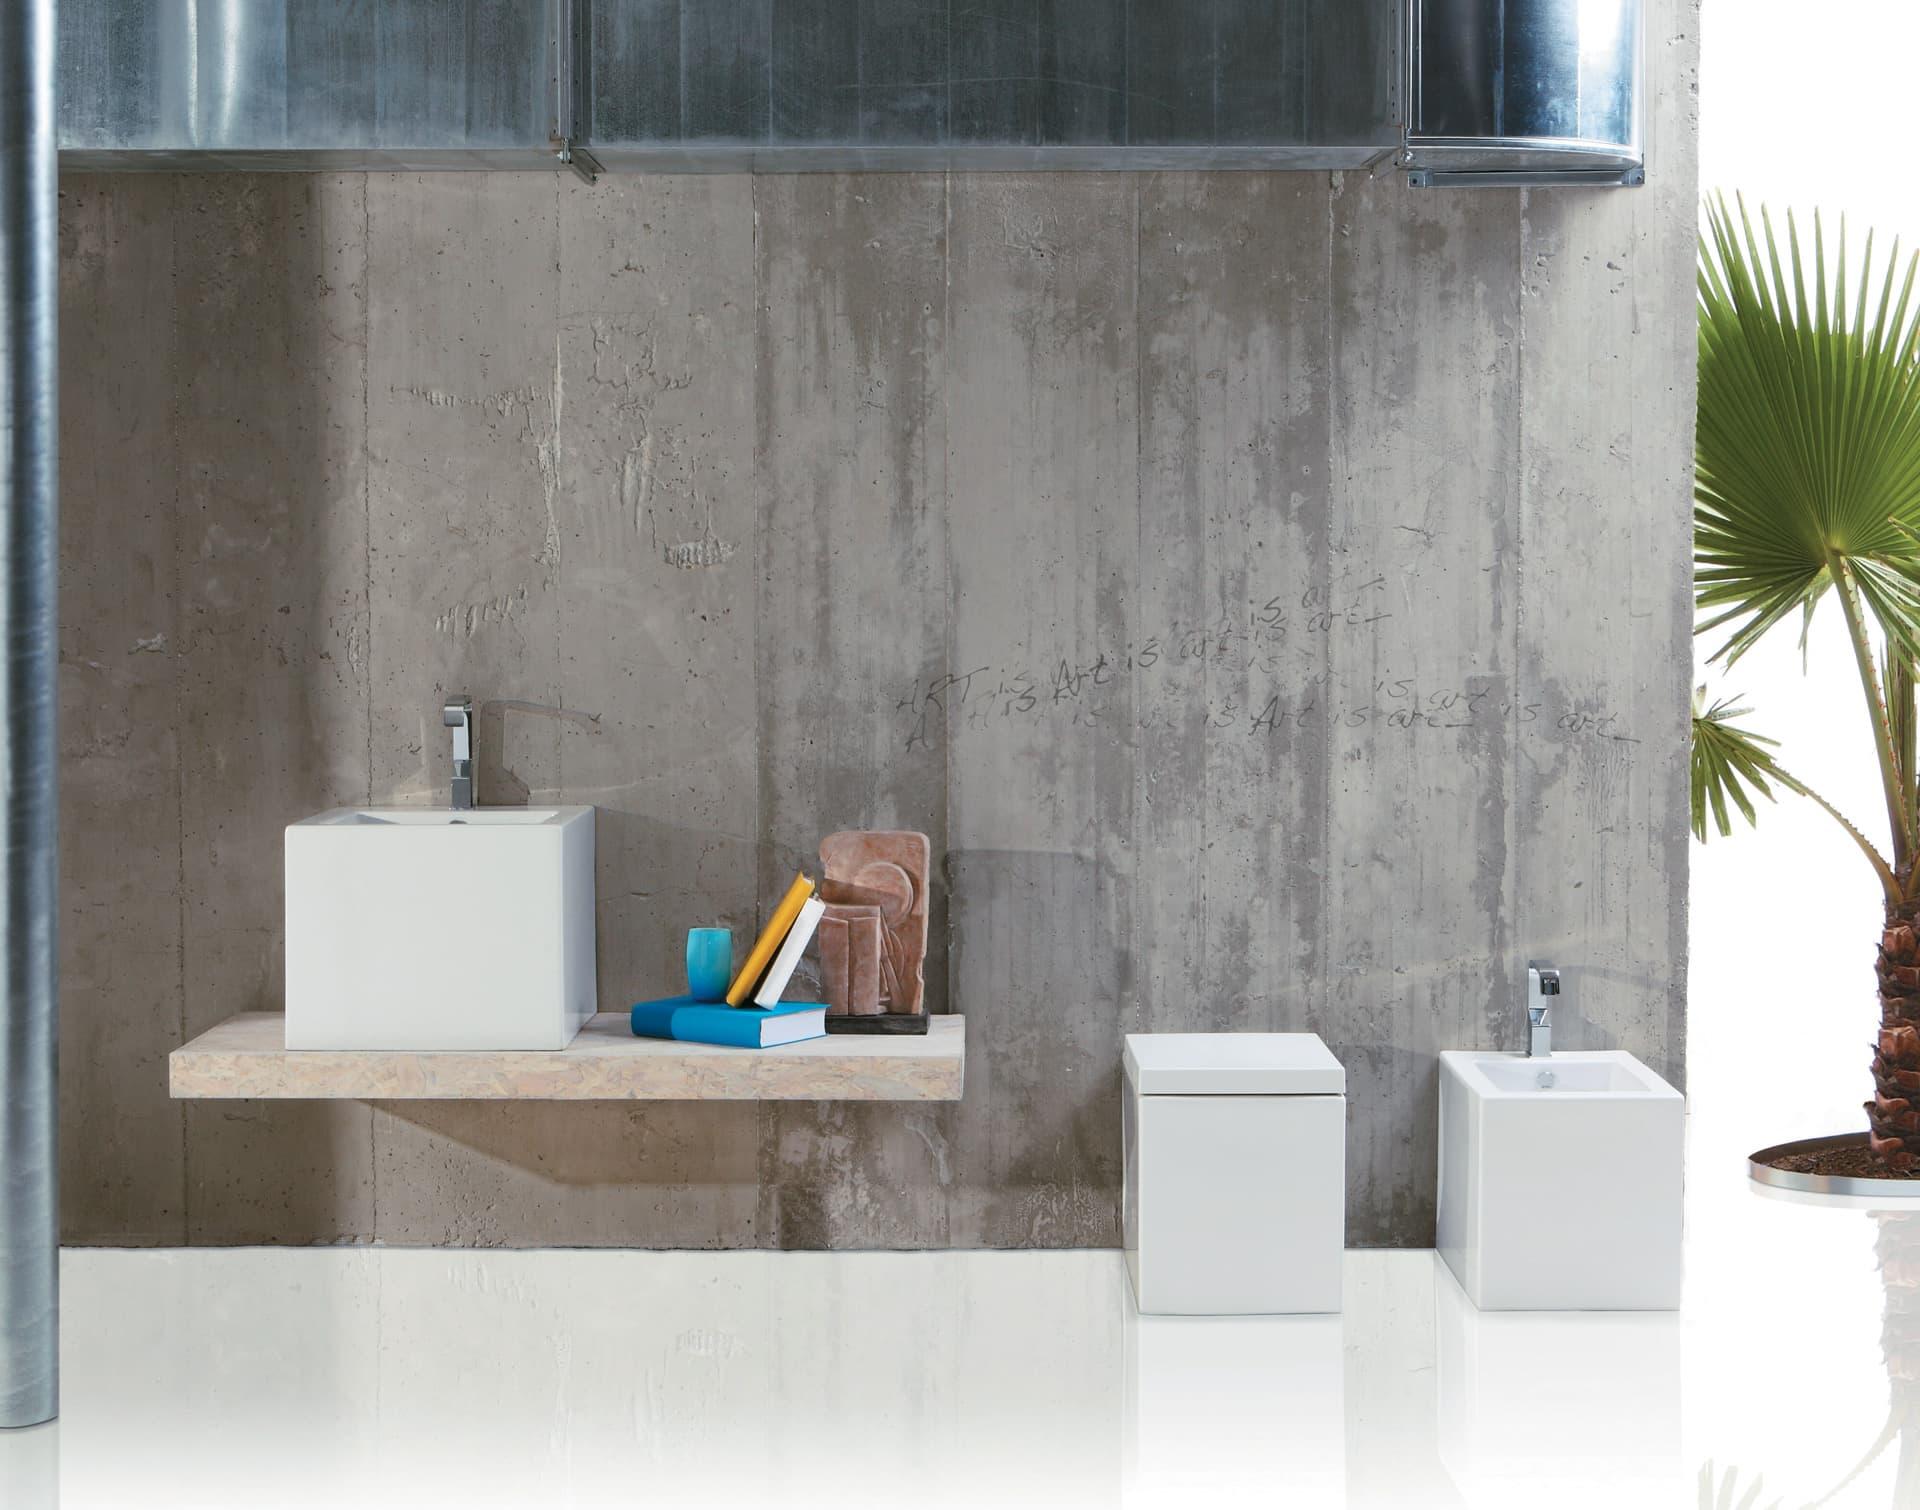 Arredamento bagno moderno - sanitari, lavabo, ceramica acciaio, marmo